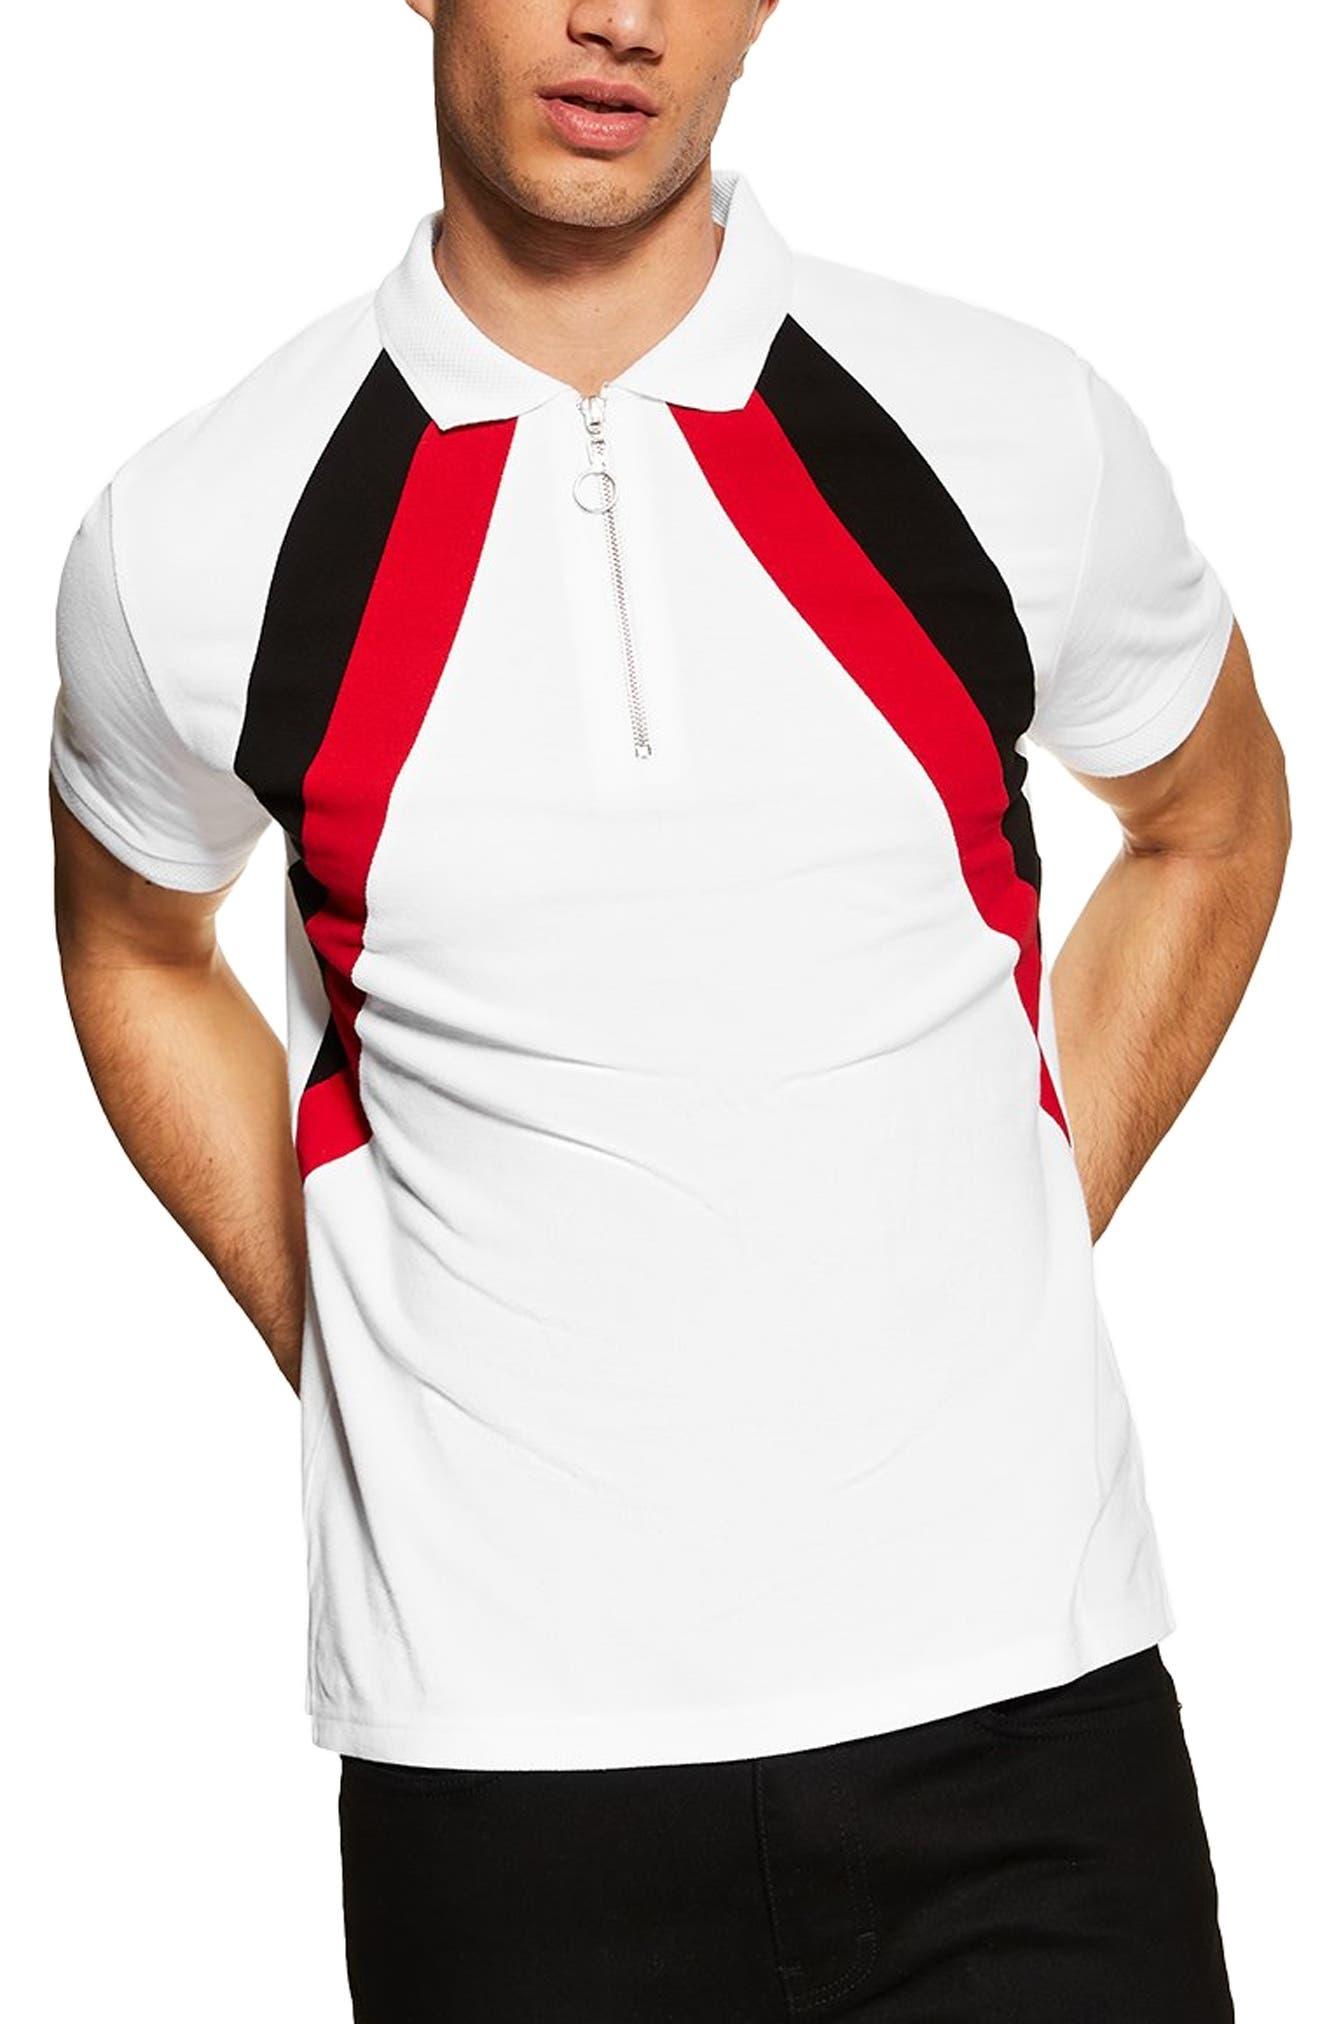 TOPMAN, Stripe Zip Polo, Main thumbnail 1, color, WHITE